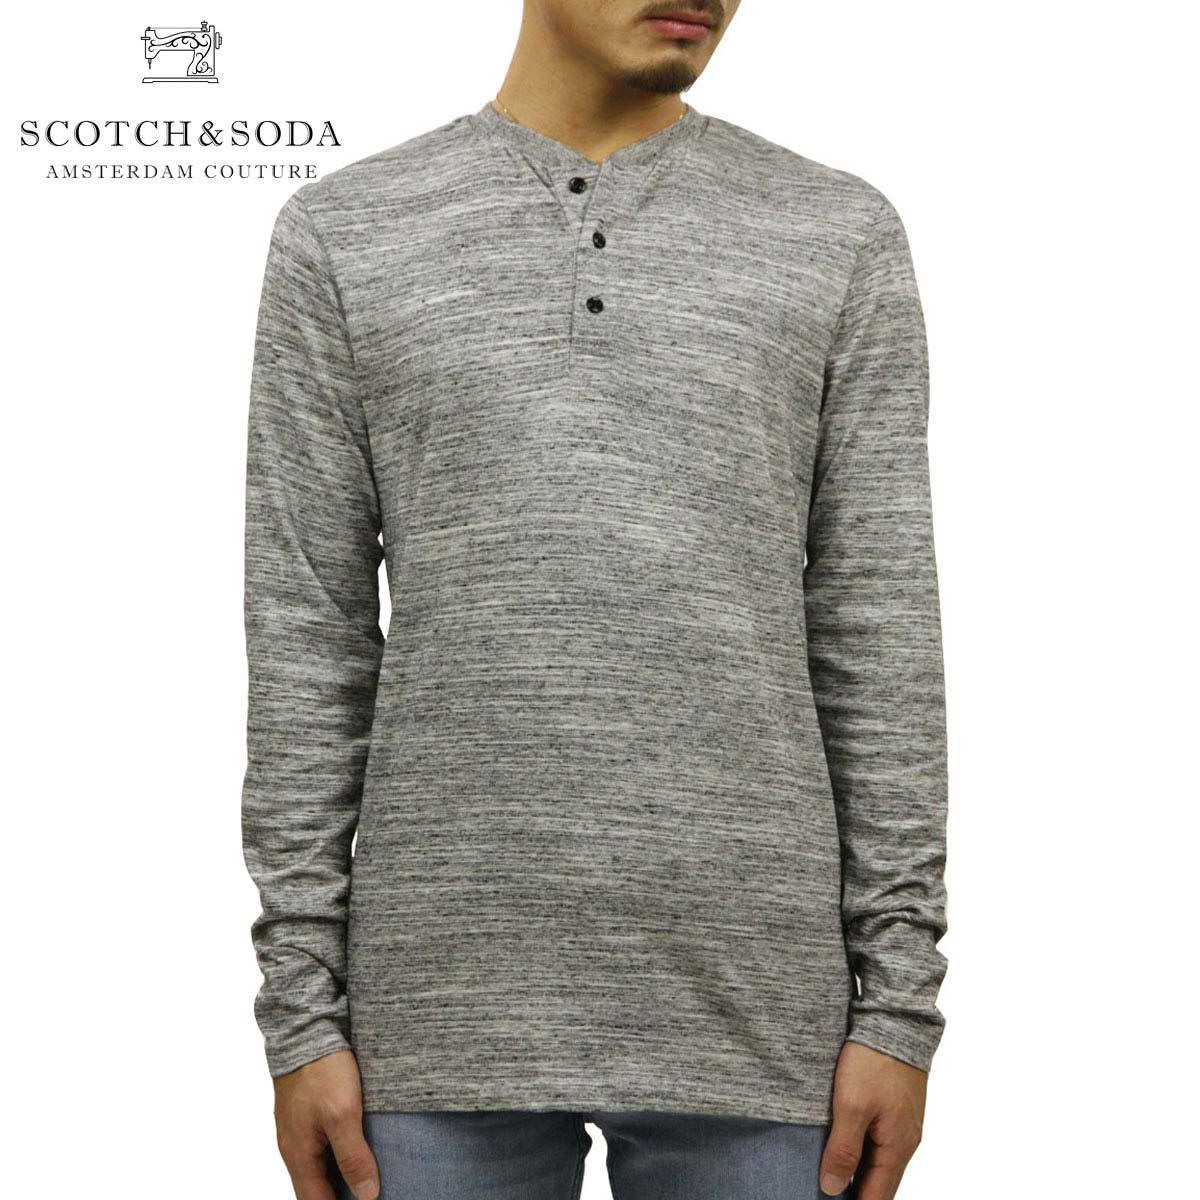 スコッチアンドソーダ Tシャツ 正規販売店 SCOTCH&SODA 長袖Tシャツ ヘンリーネックTシャツ CLASSIC LONGSLEEVE GRANDDAD HENRY TEE GREY MELANGE 152253 83402 05